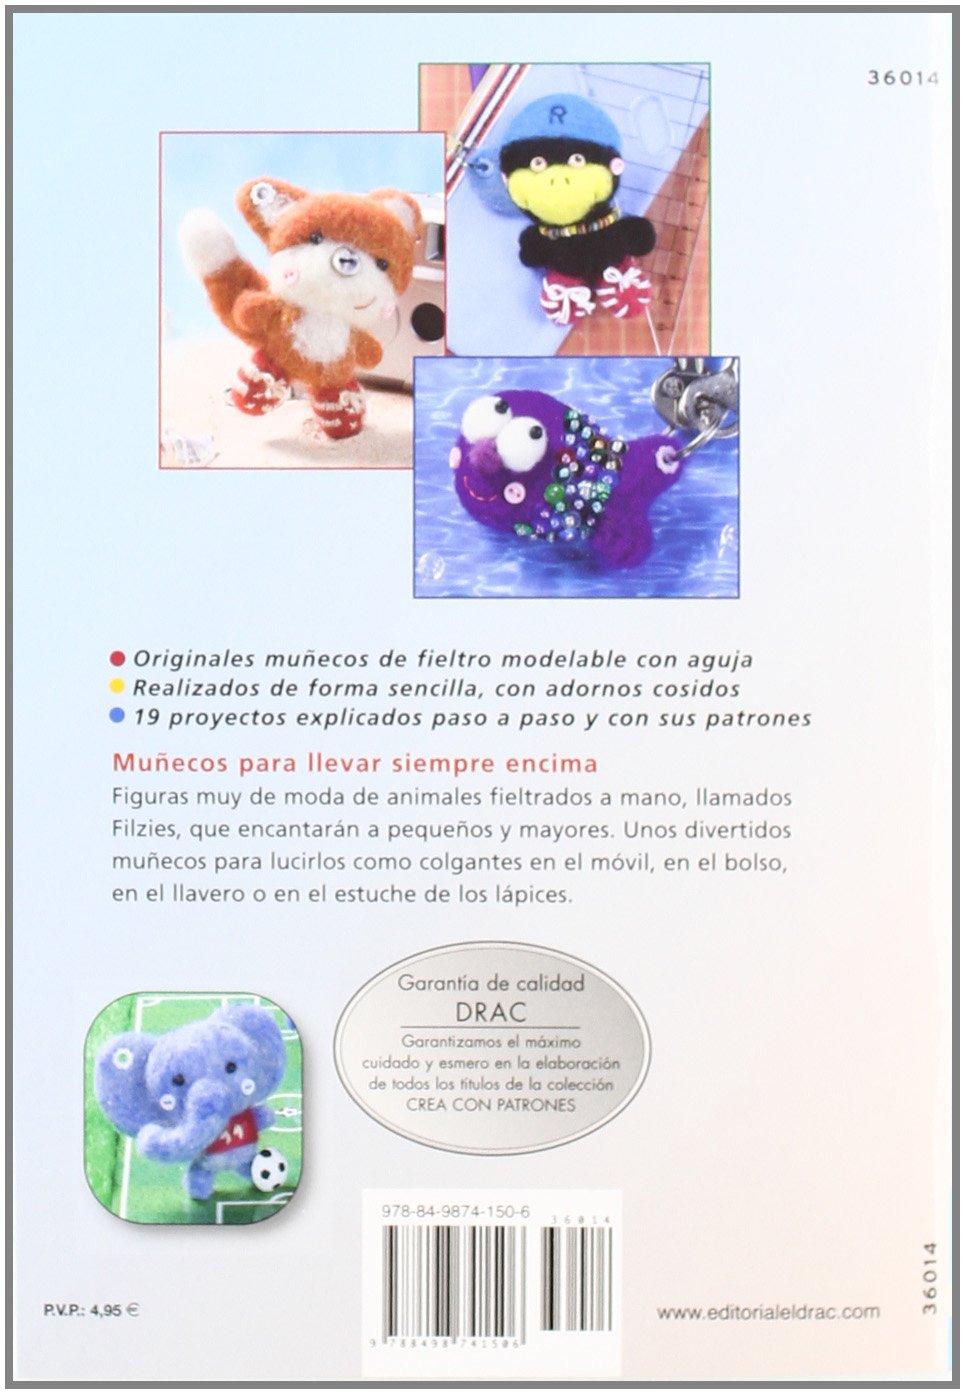 Libro con tutoriales y patrones muñecos fieltro moldeable aguja